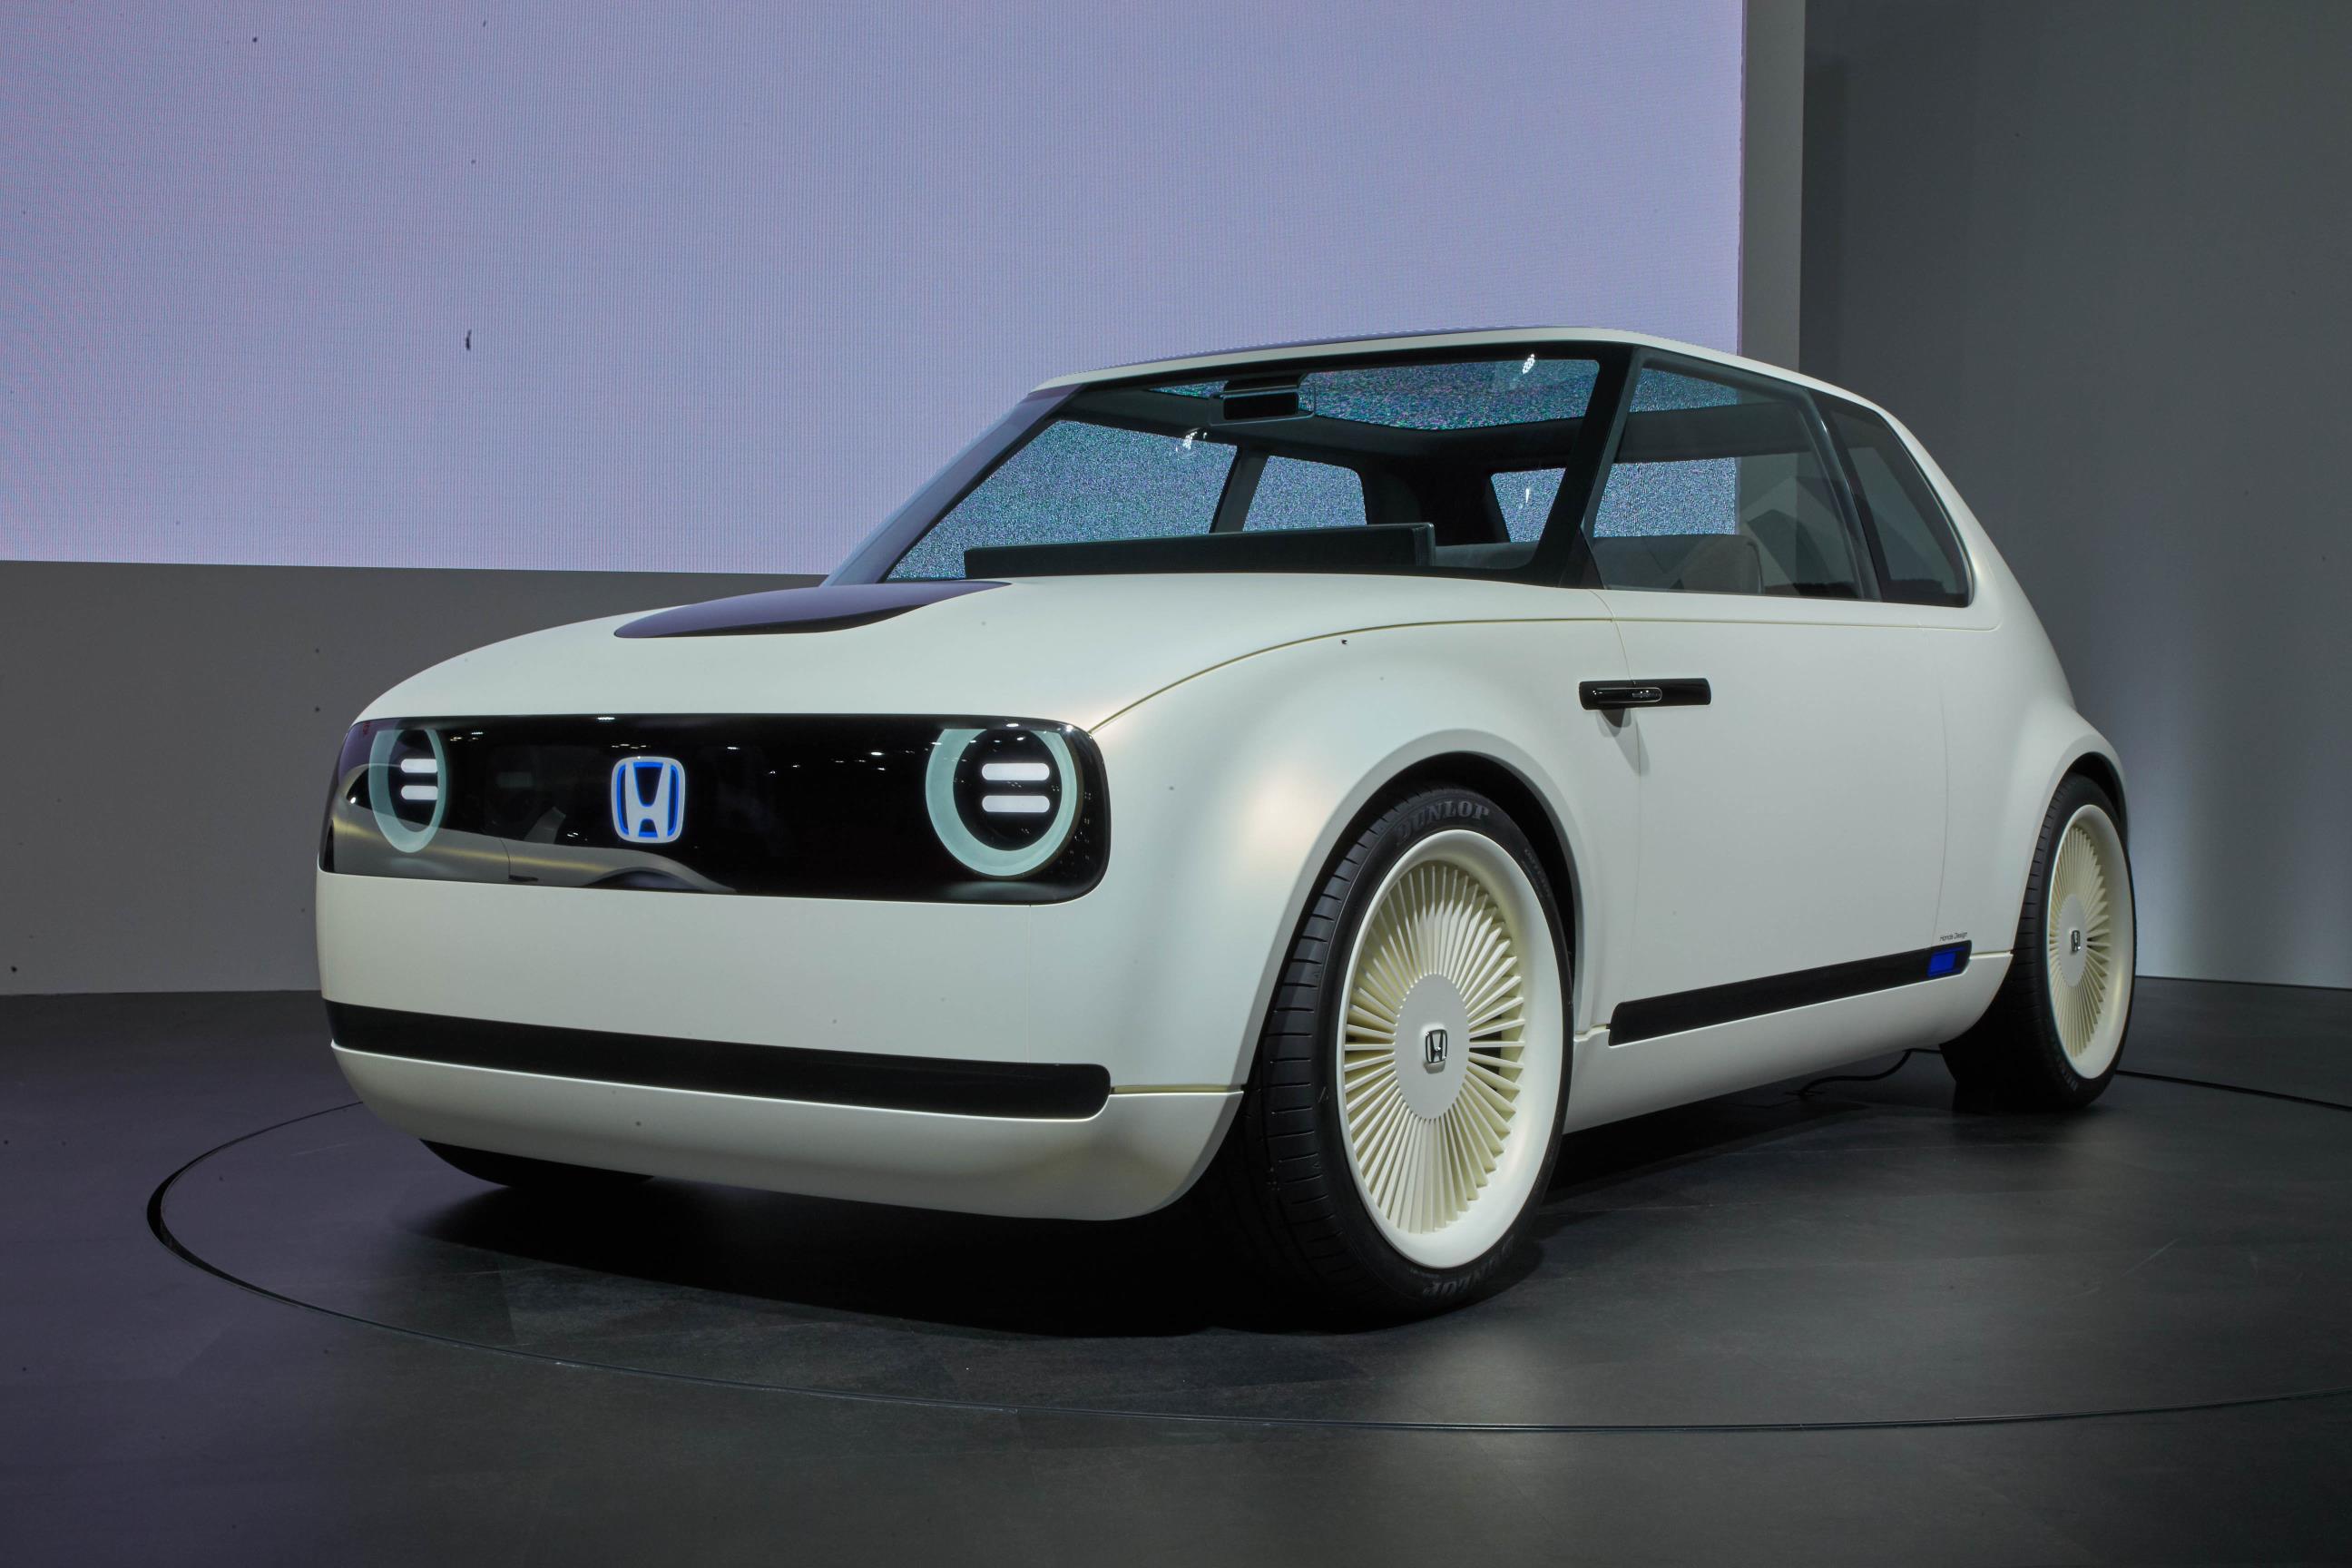 Honda Sports EV and Urban EV Concepts Reveal Future-Retro ...